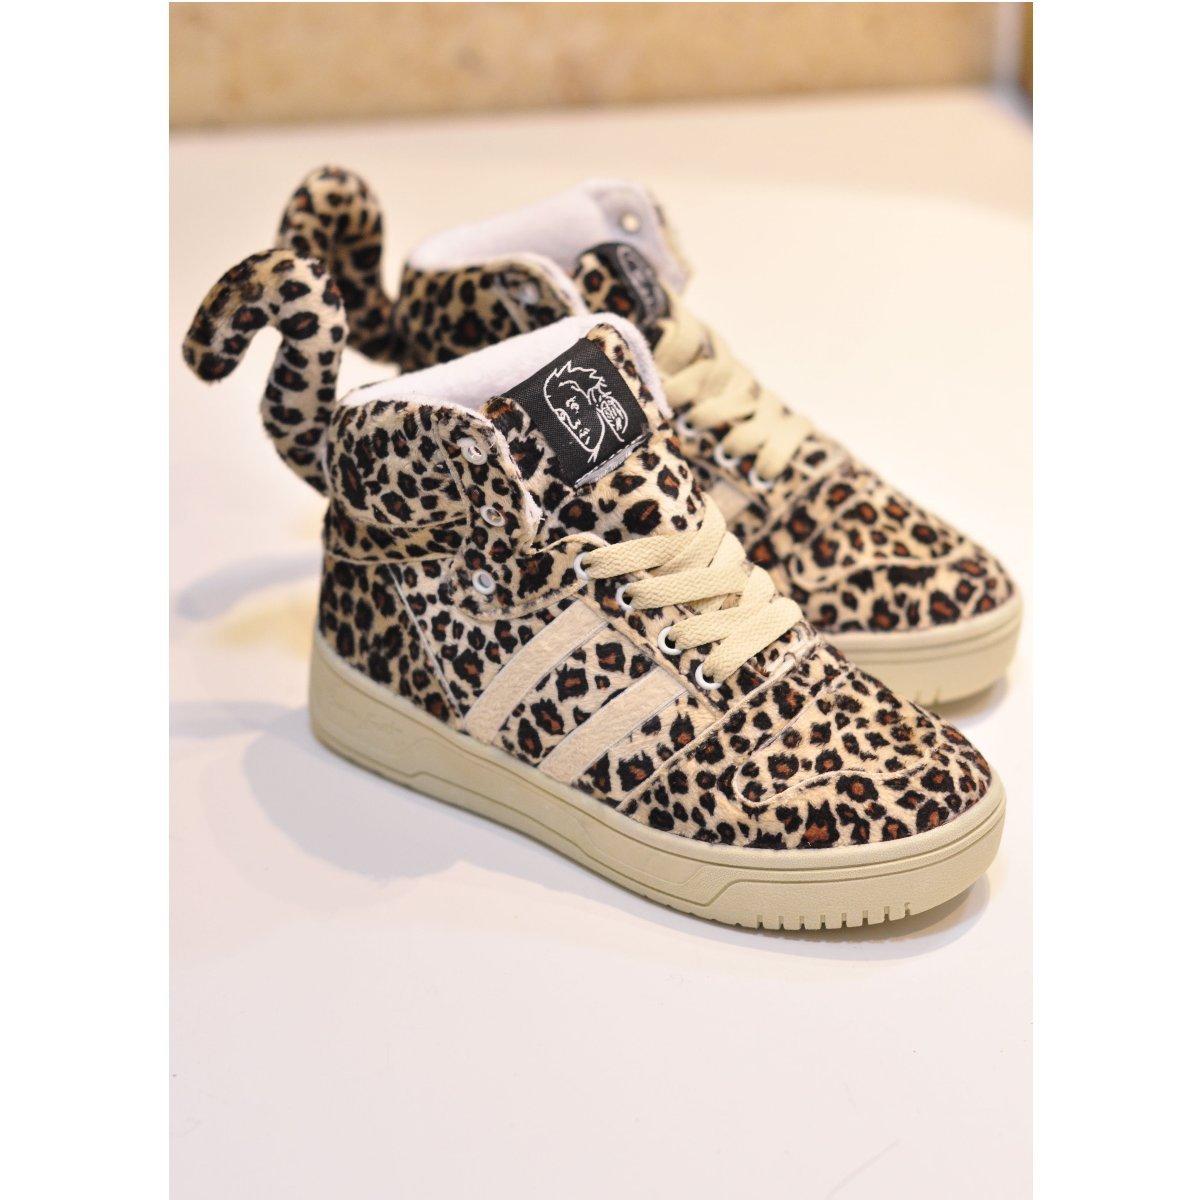 Круглый носок Плоская подошва Шнурок Плоская подошва Клееная обувь Леопардовый узор